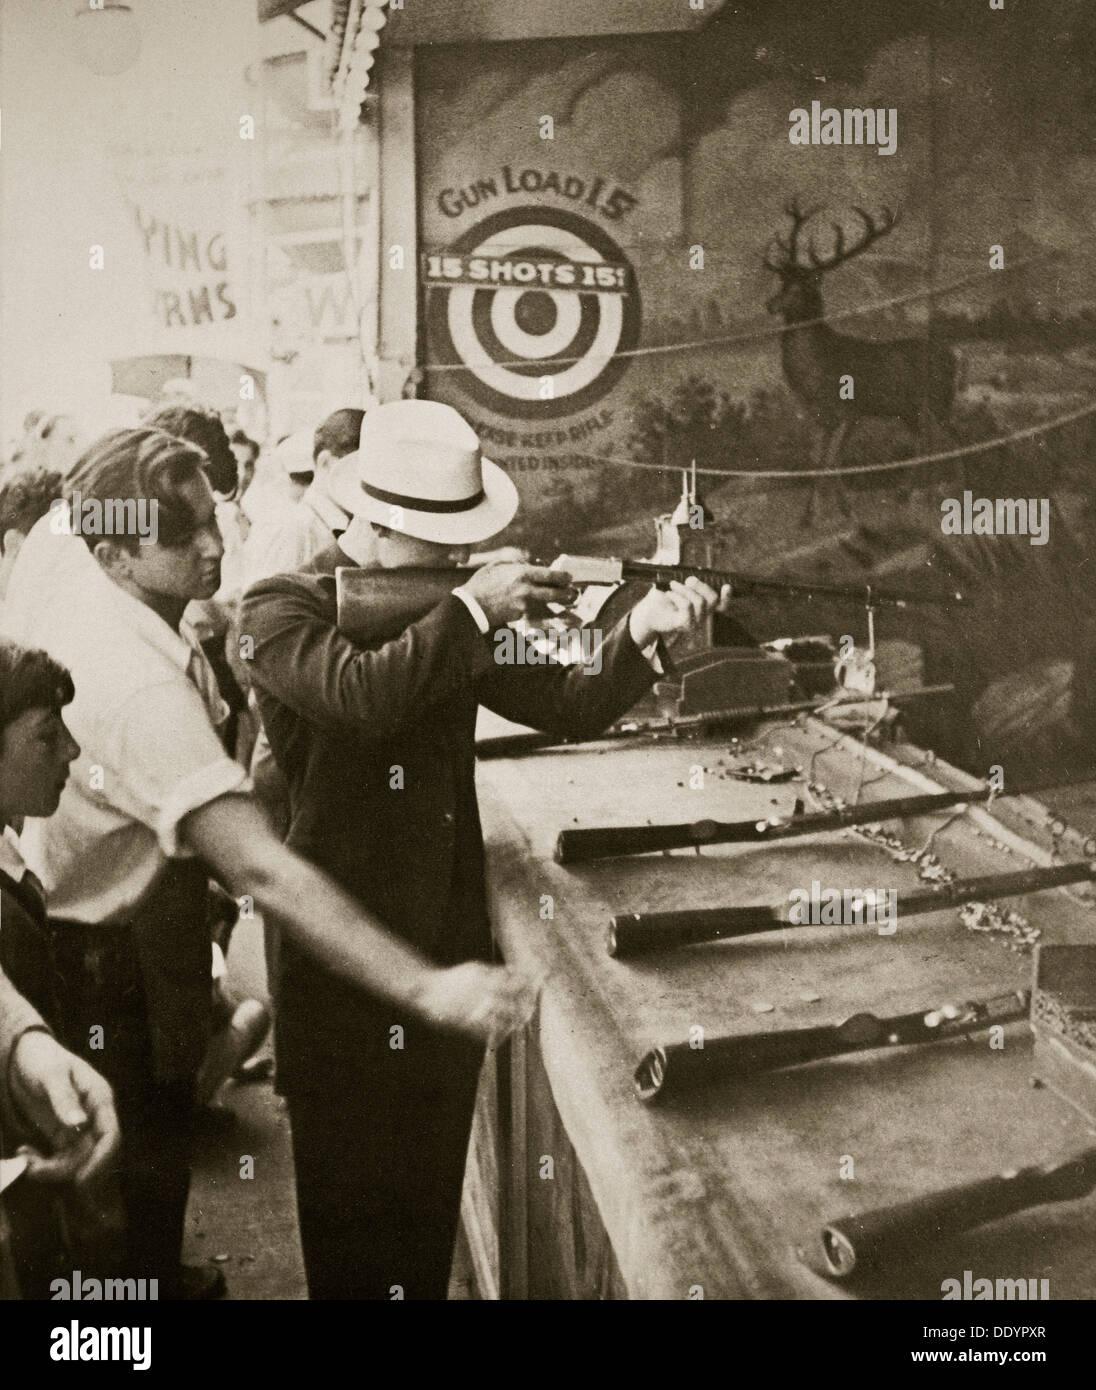 Shooting Gallery presso il parco di divertimenti, Coney Island, New York, USA, primi 1930s. Artista: sconosciuto Immagini Stock